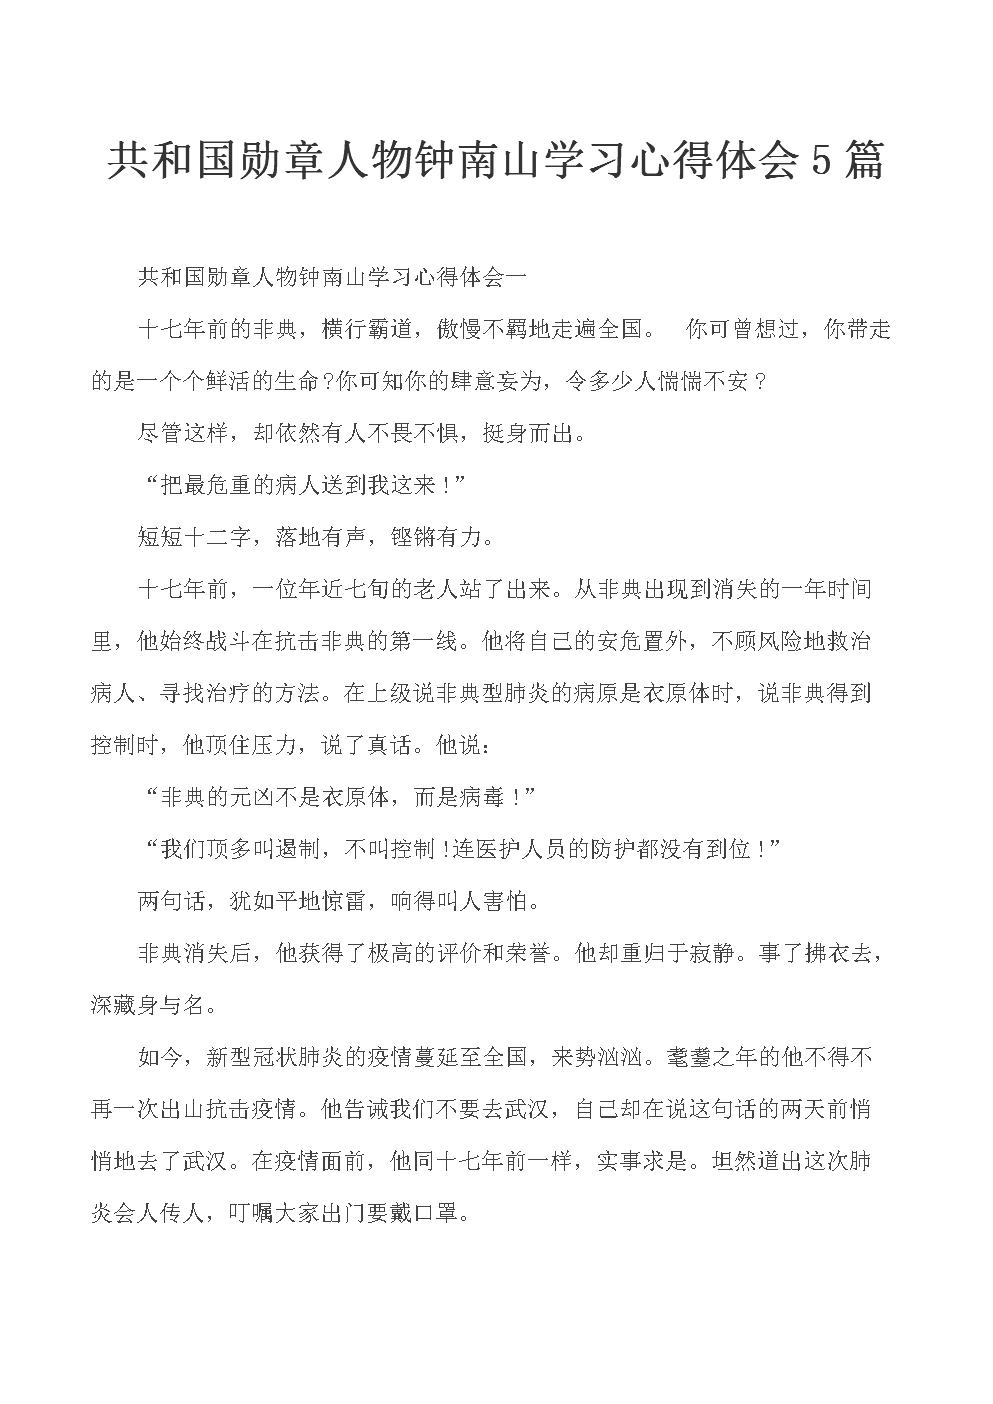 共和国勋章人物钟南山学习心得5篇.docx